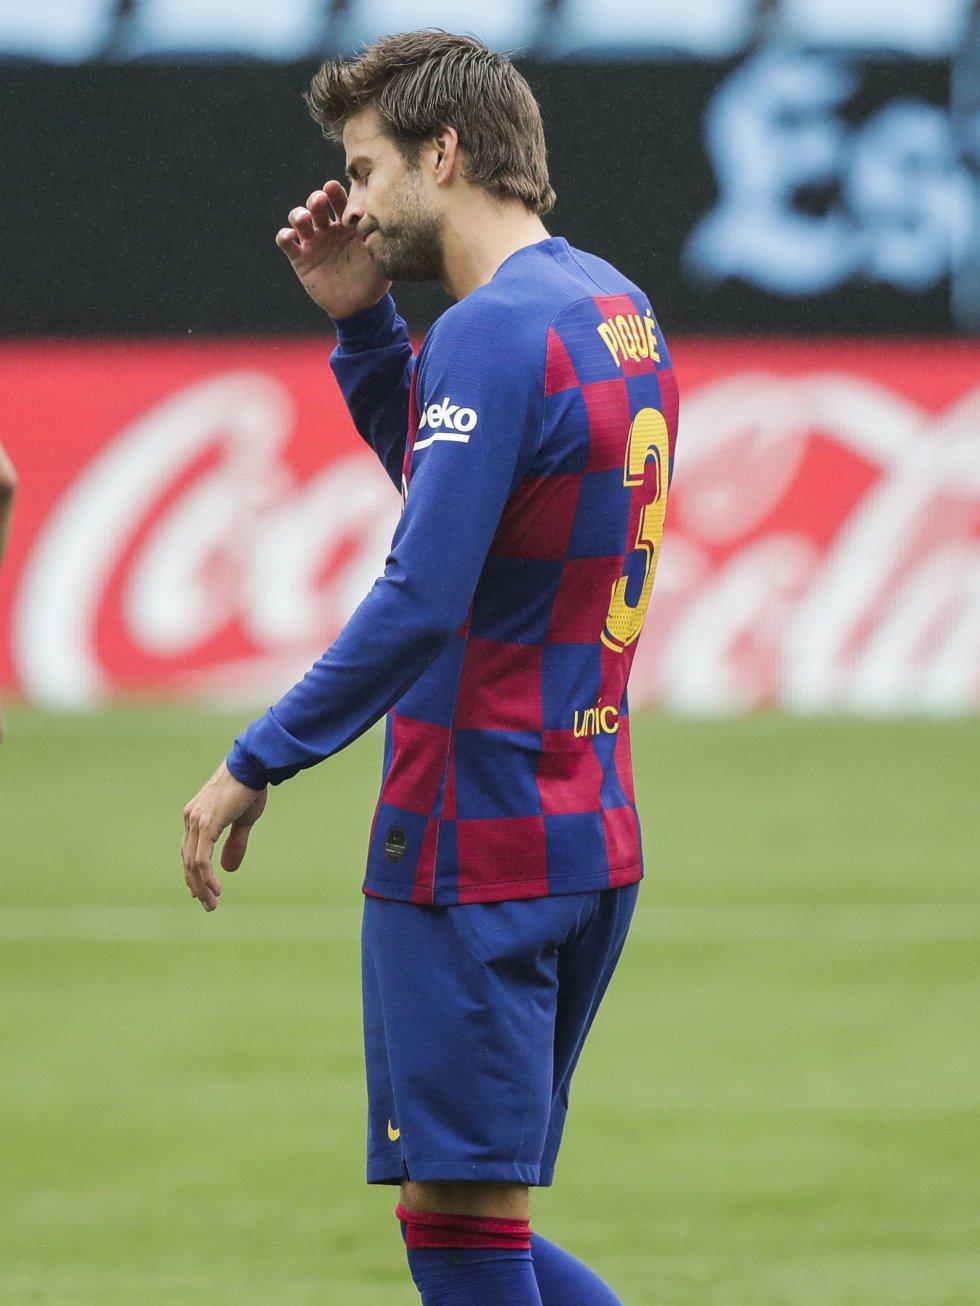 Barcelona Vs Celta Fecha 32 Liga Española: ¿Se escapó la Liga? Los rostros que dejó el empate de Barcelona ante Celta